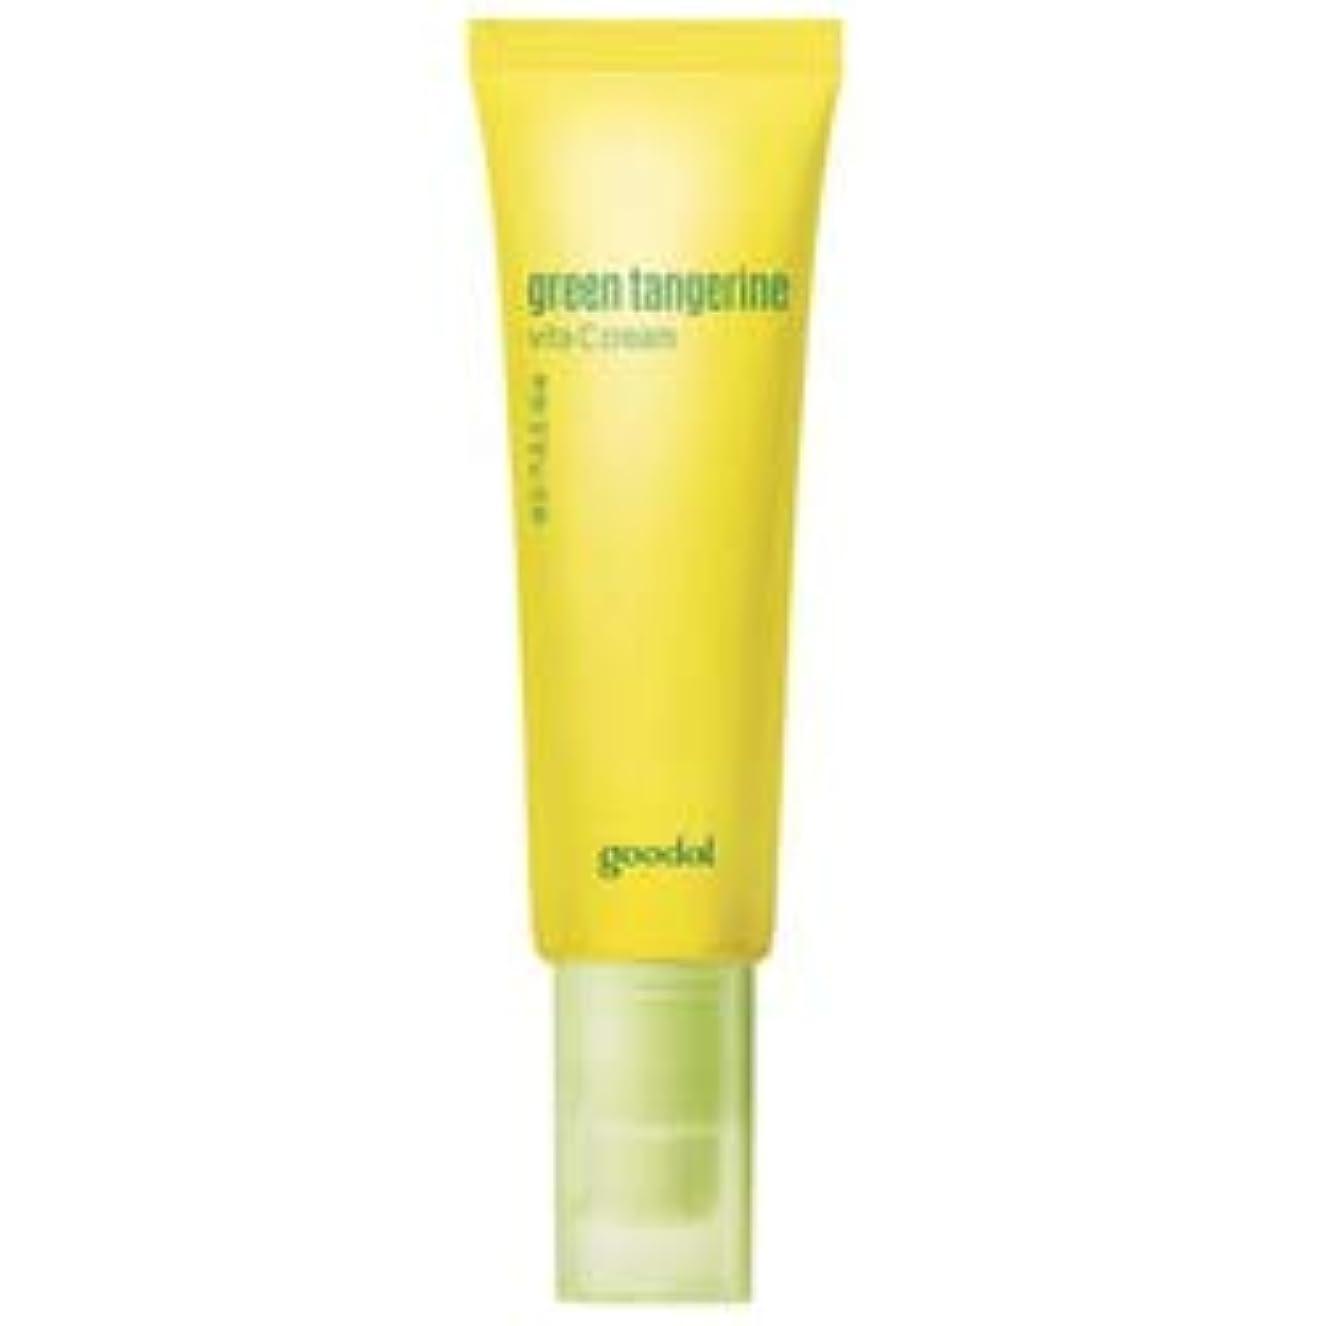 ピンチ含めるサーカス[goodal] Green Tangerine Vita C cream 50ml / [グーダル]タンジェリン ビタC クリーム 50ml [並行輸入品]